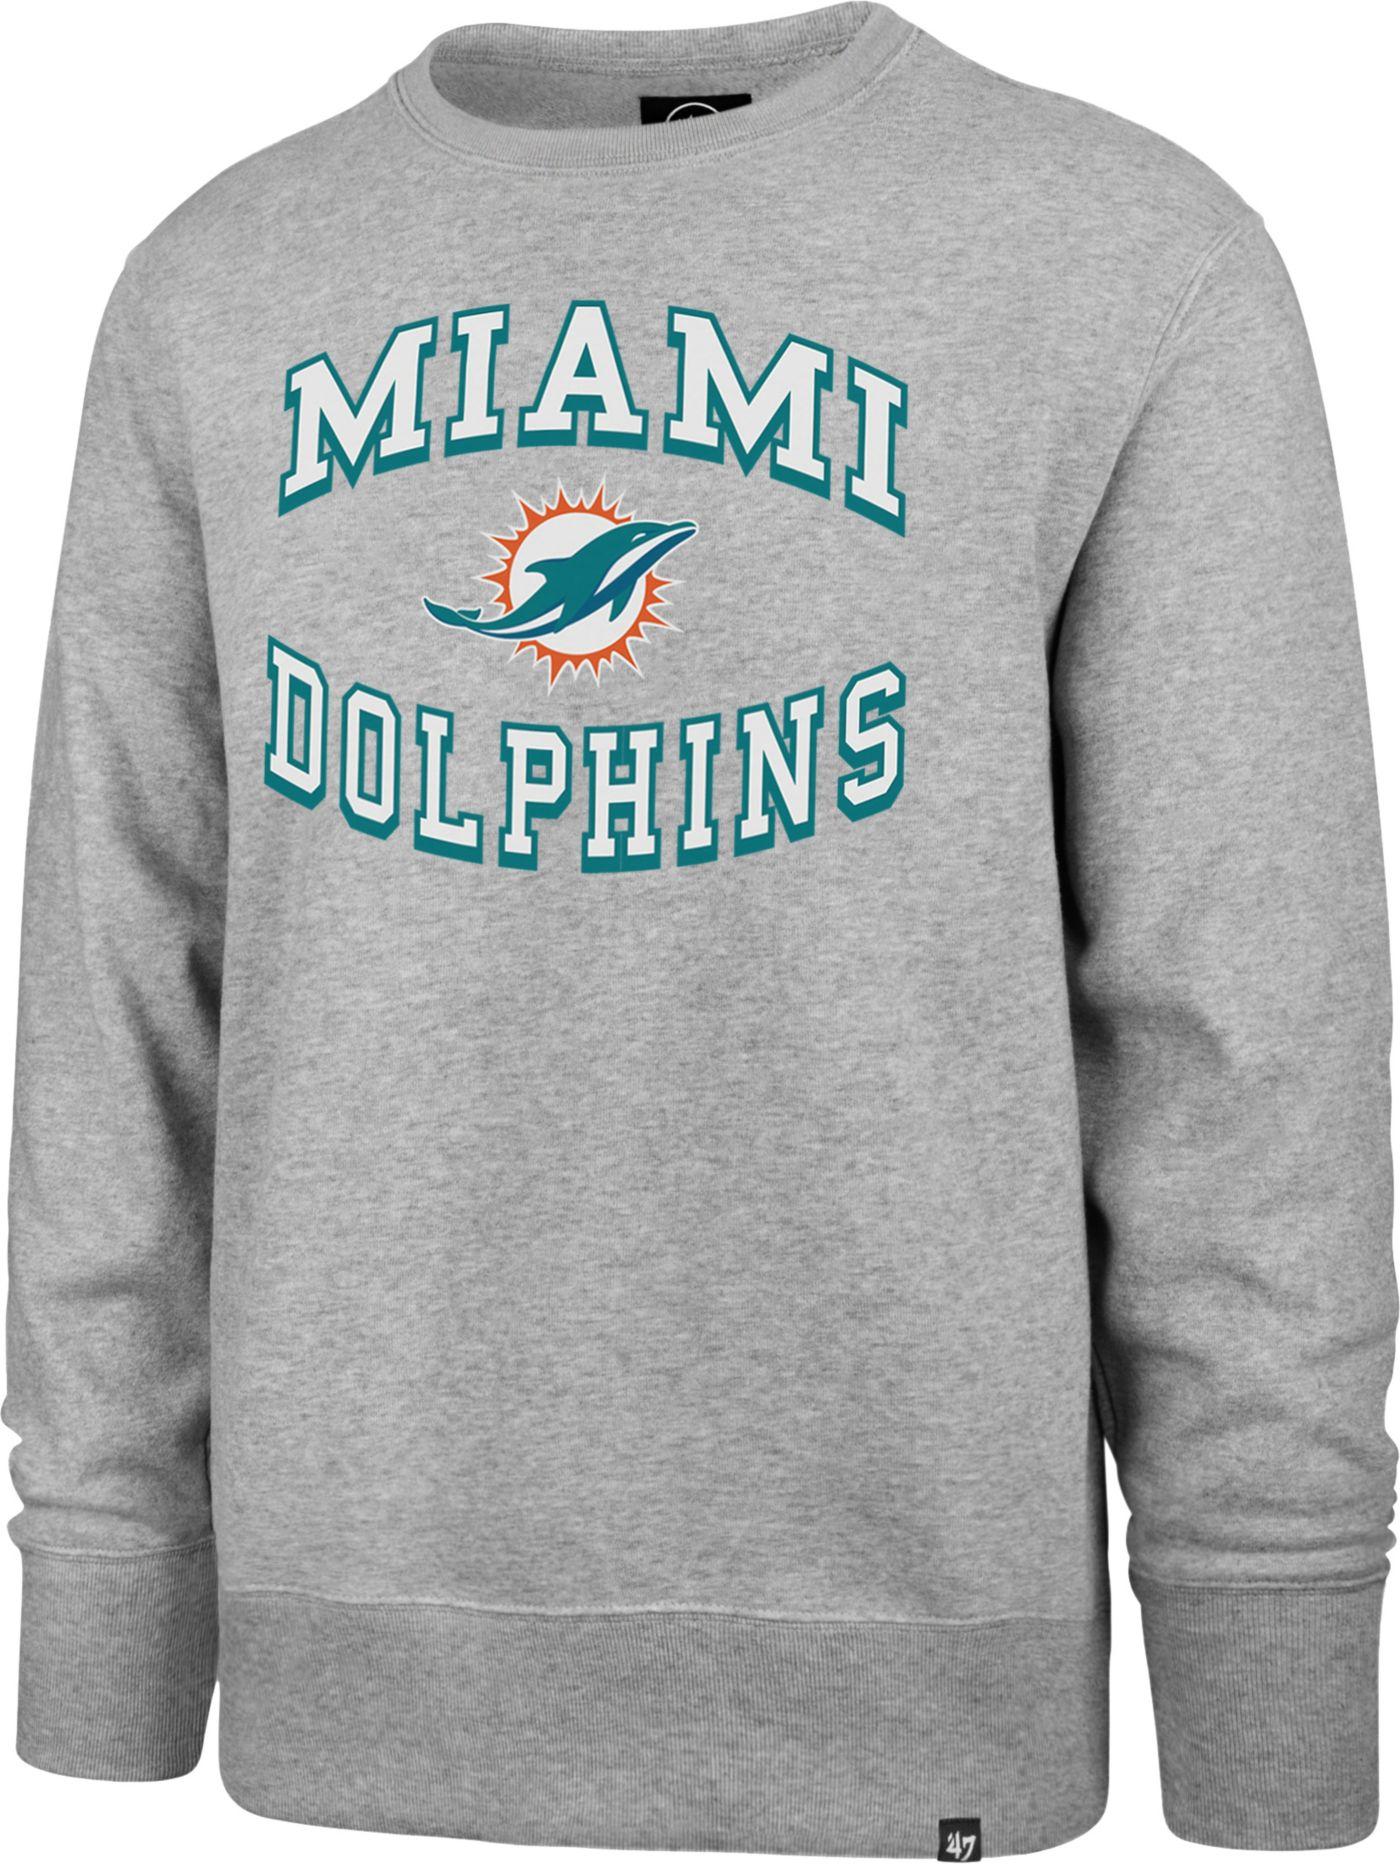 '47 Men's Miami Dolphins Headline Grey Crew